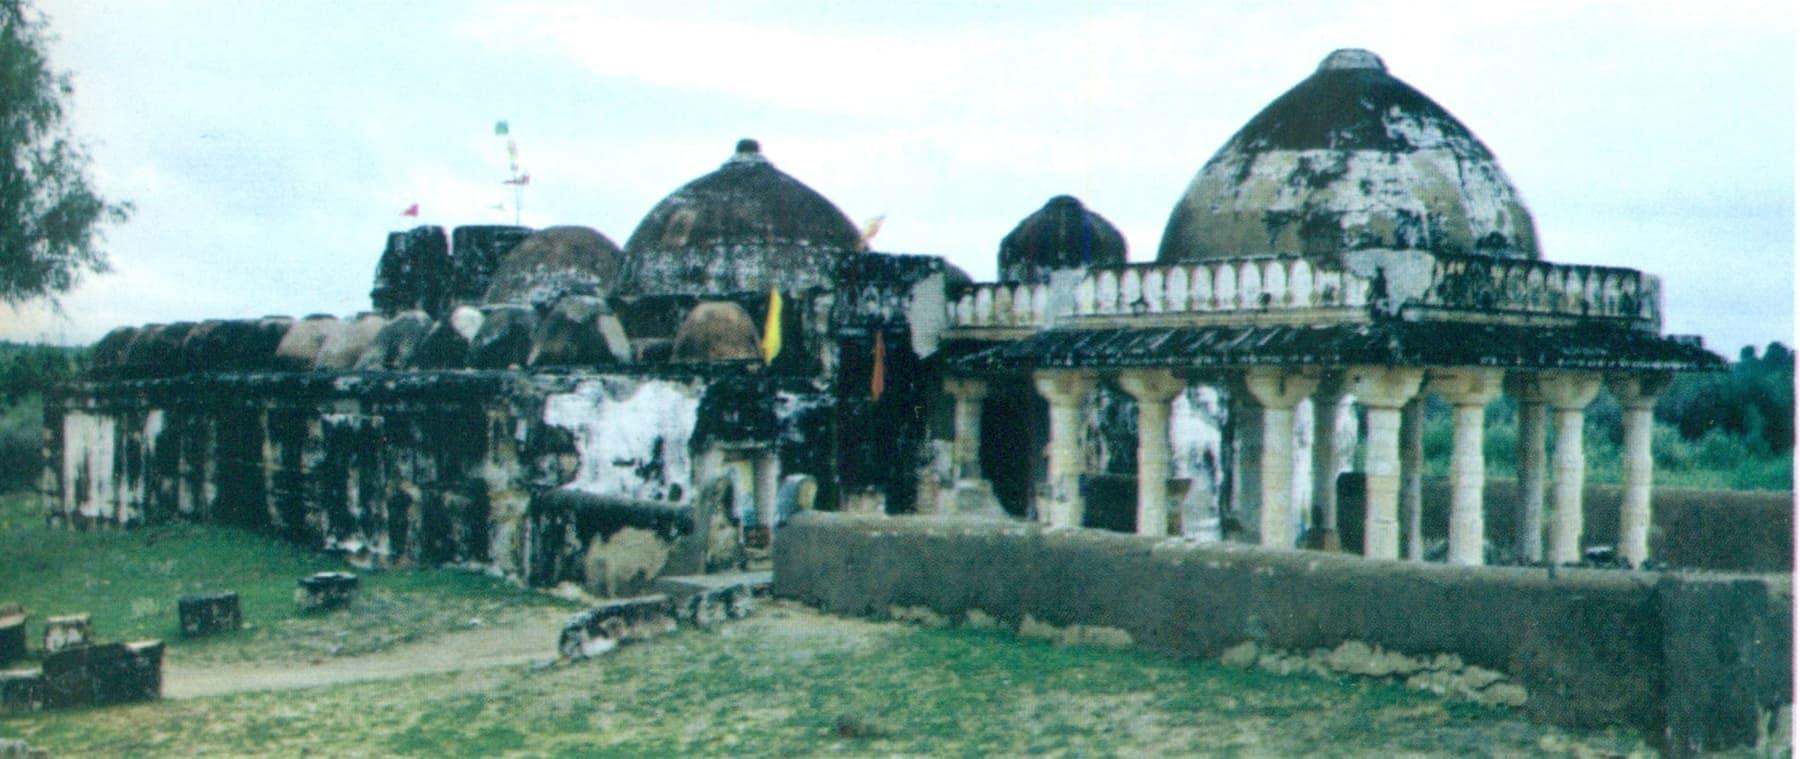 گوڑی مندر کی کچھ سال پرانی تصویر—تصویر بدر ابڑو